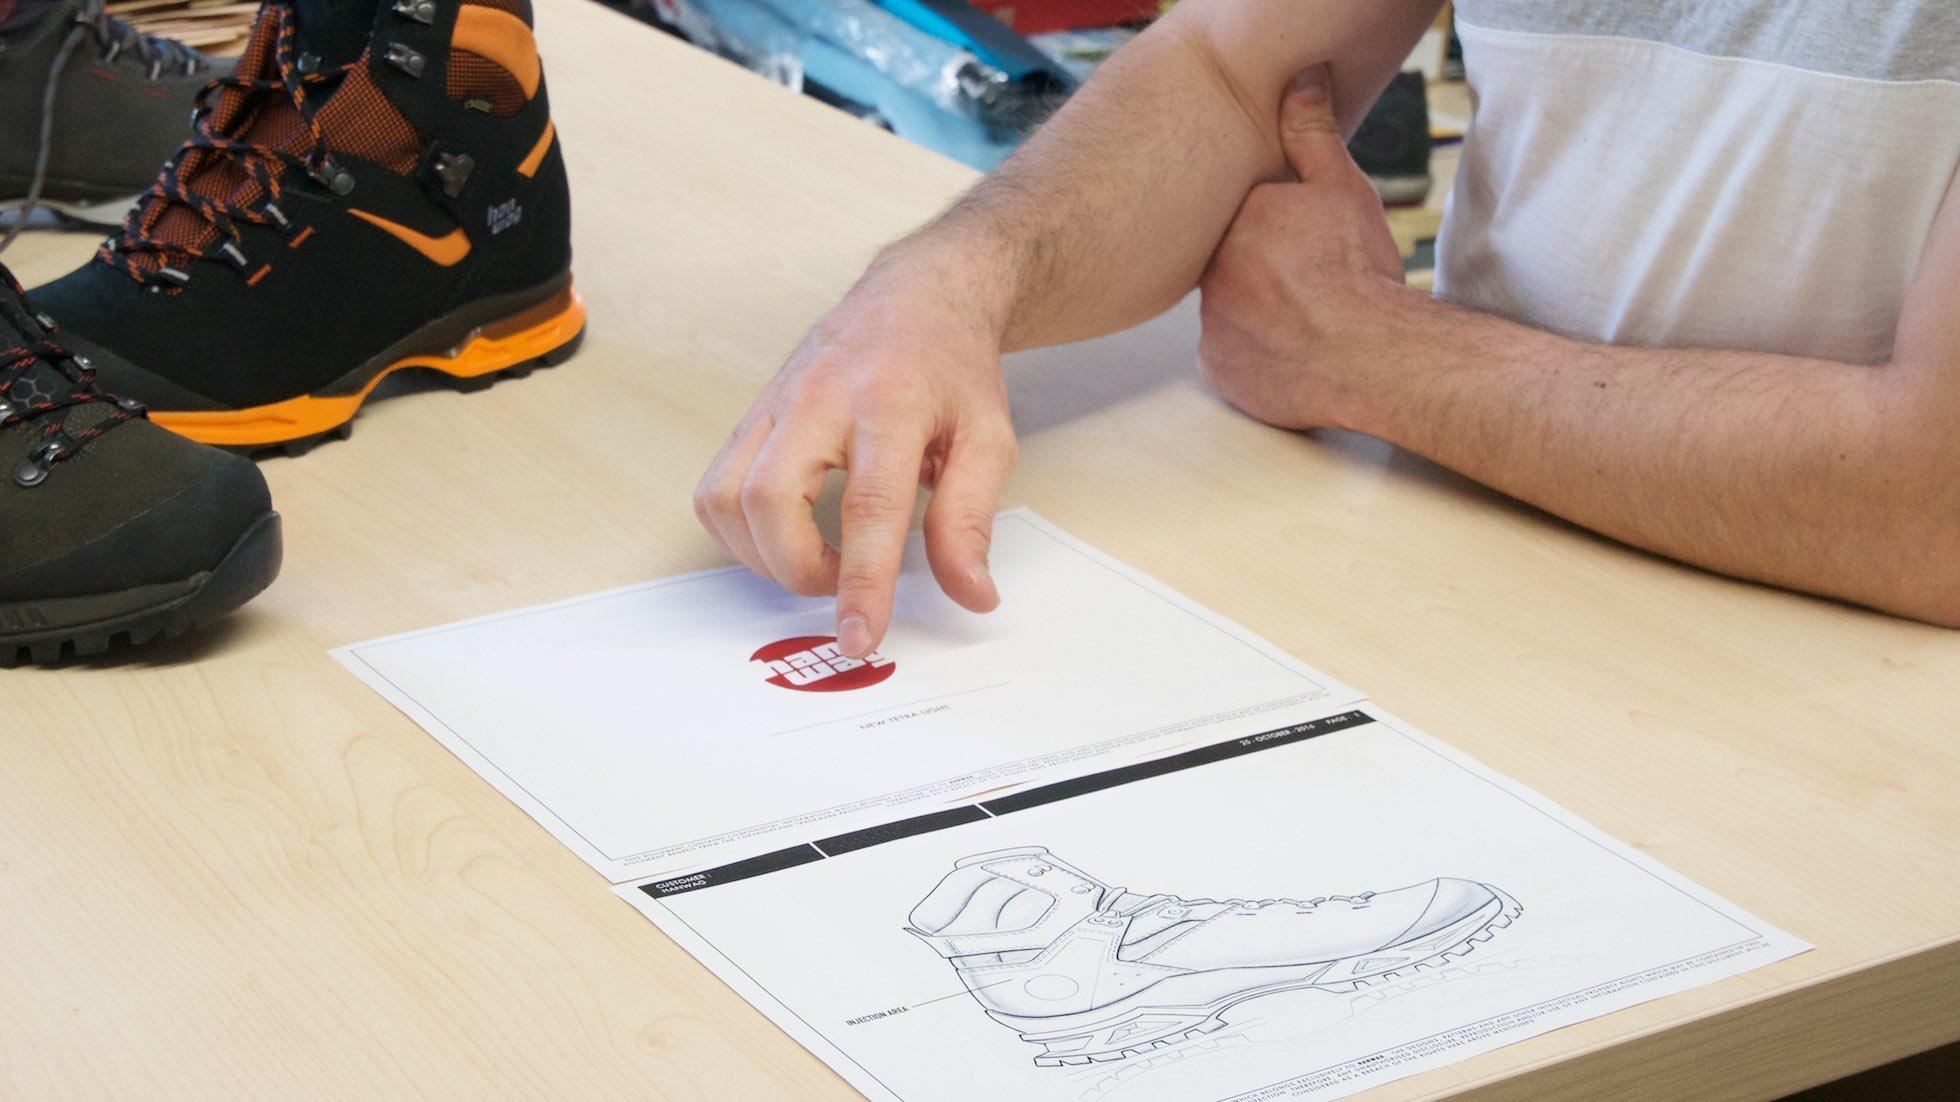 eec9d2e4753bb Reportáž: Ako sa vyrábajú topánky Hanwag   HIKING.SK